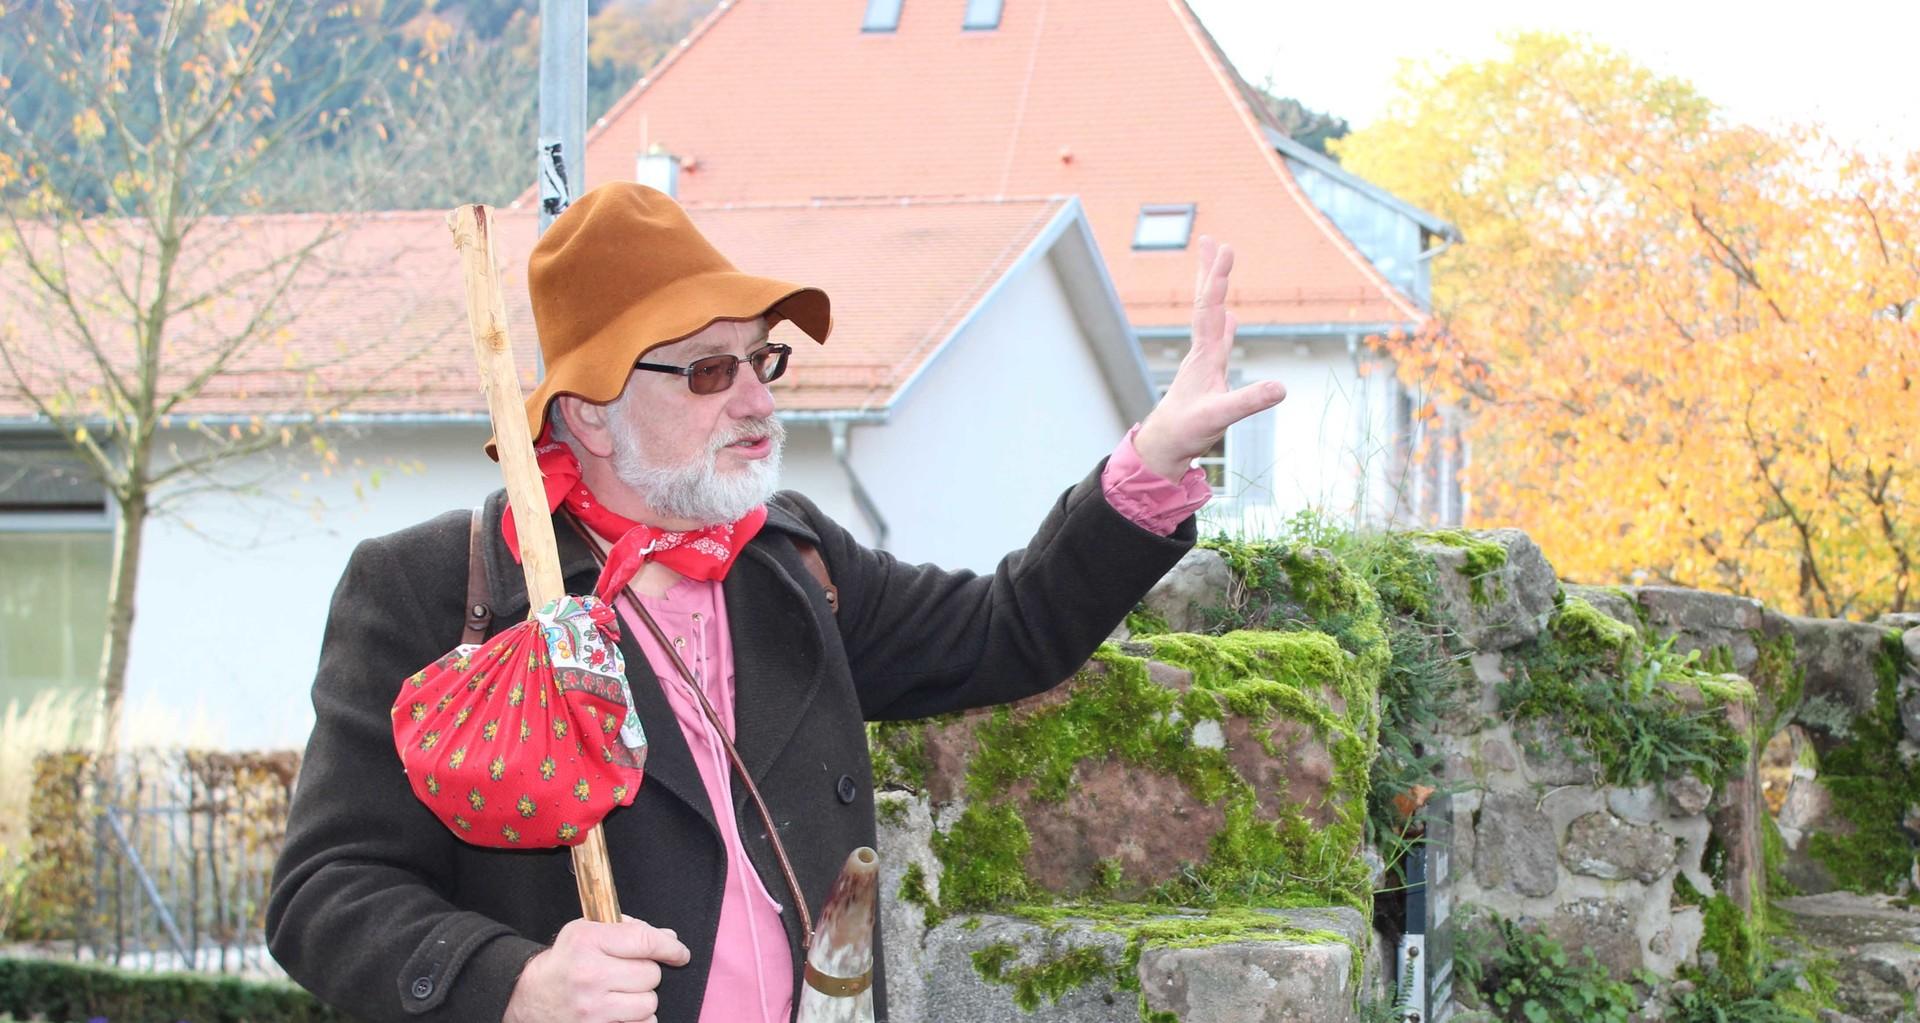 Der Sauhirt Saukarle alias Herbert Rittershofer